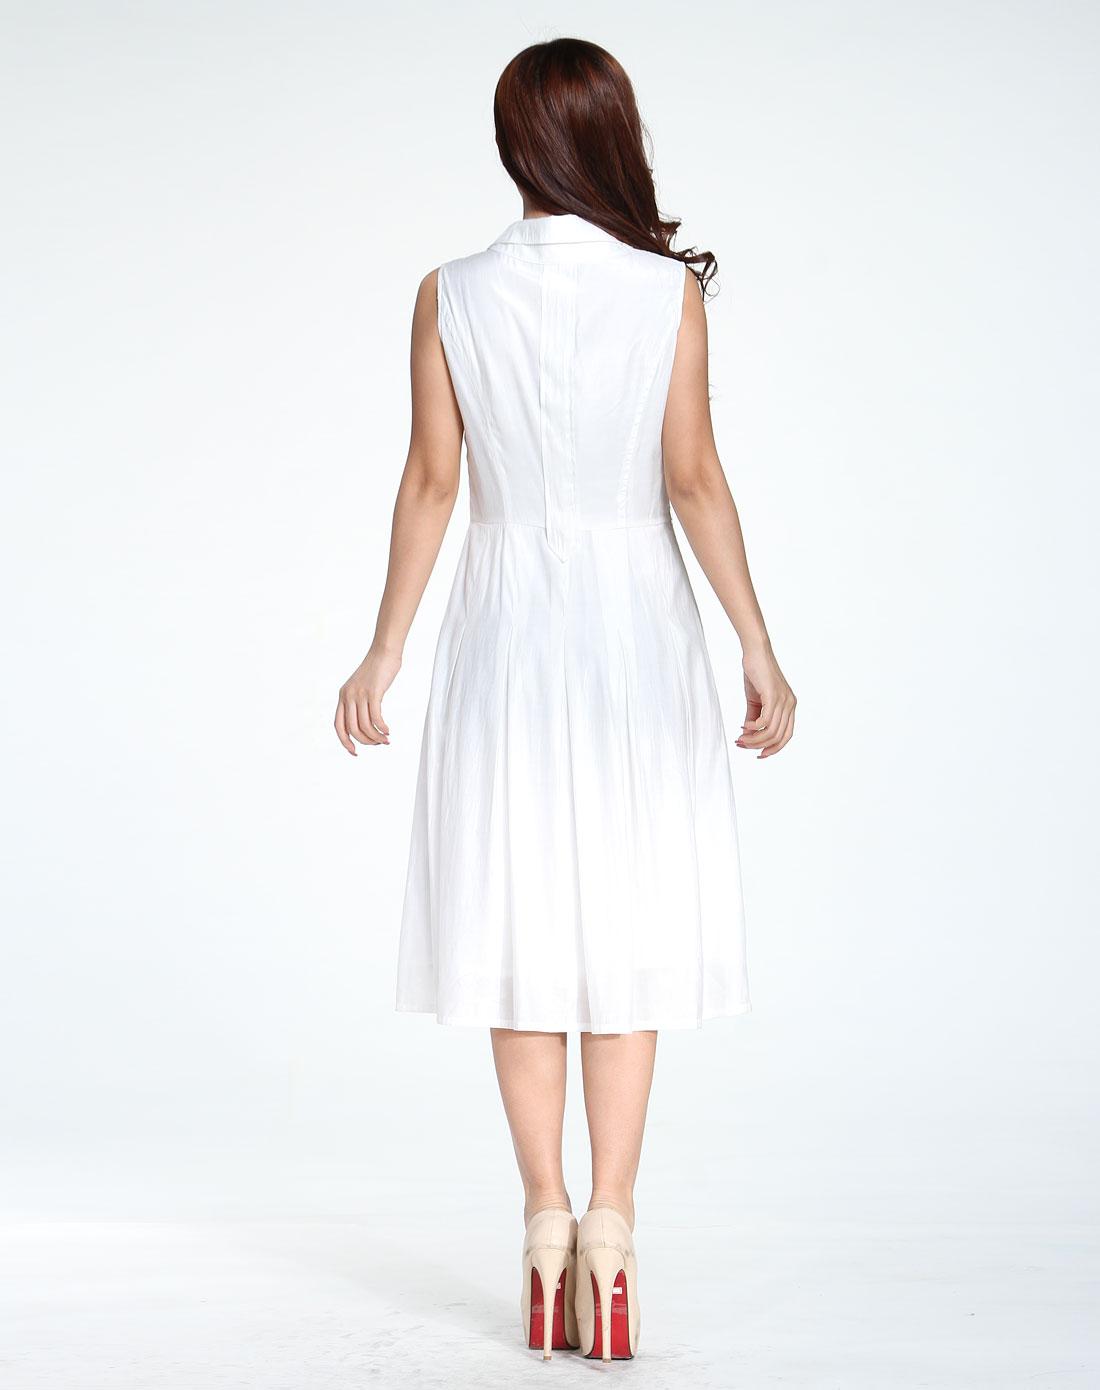 简约清新白色纯色无袖连衣裙